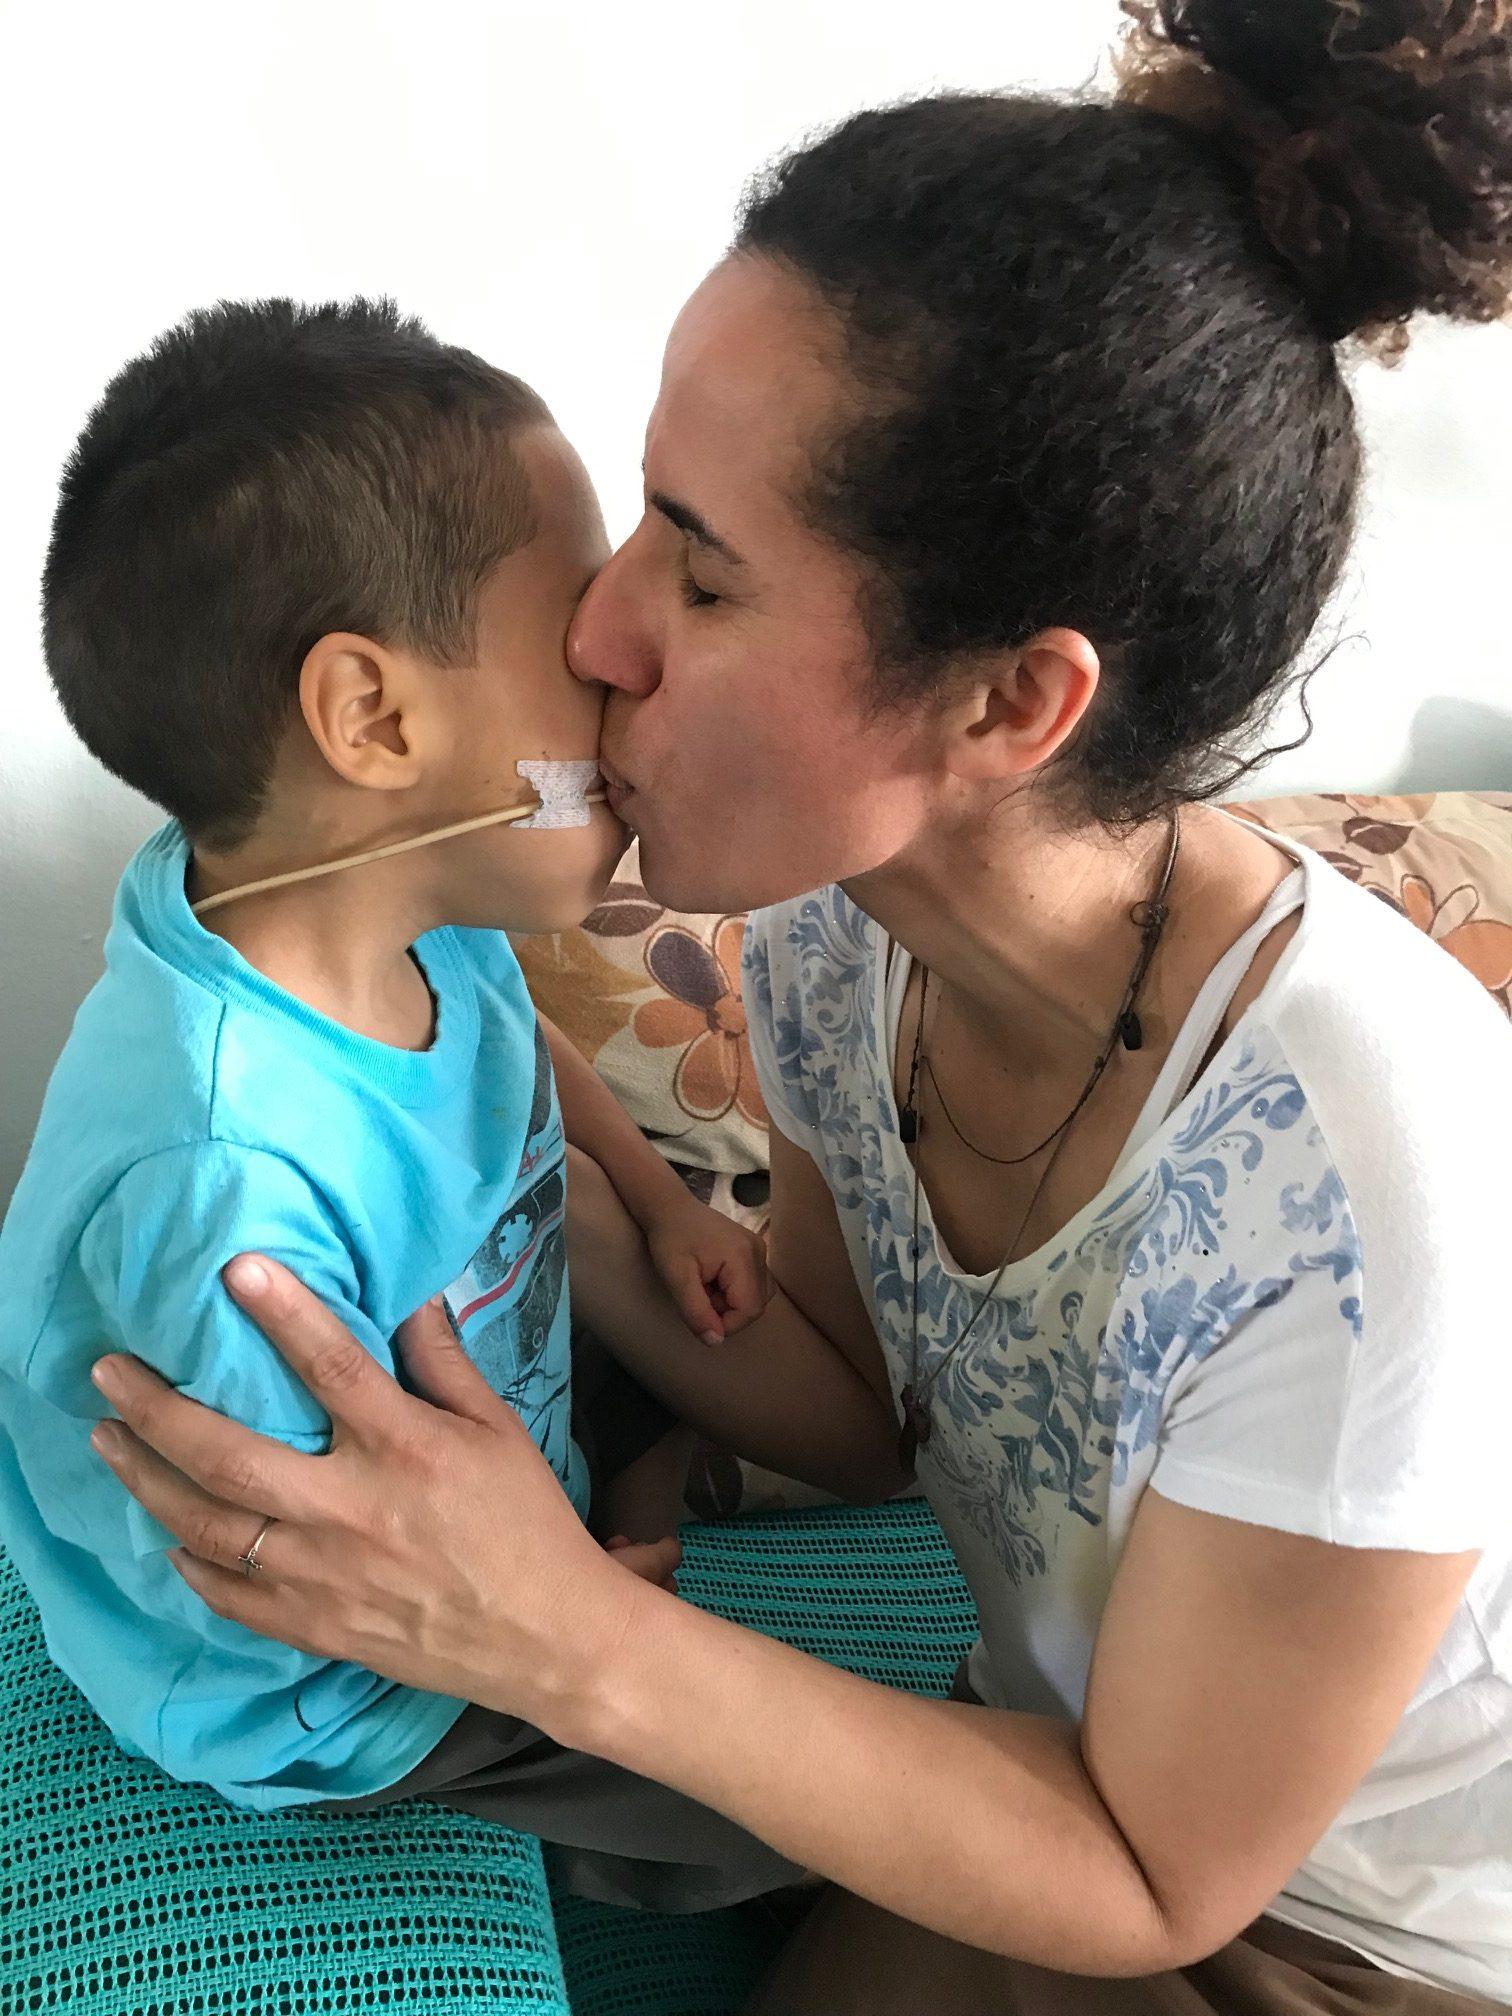 Funcionária de abrigo adota garoto recusado em mais de 10 instituições 2